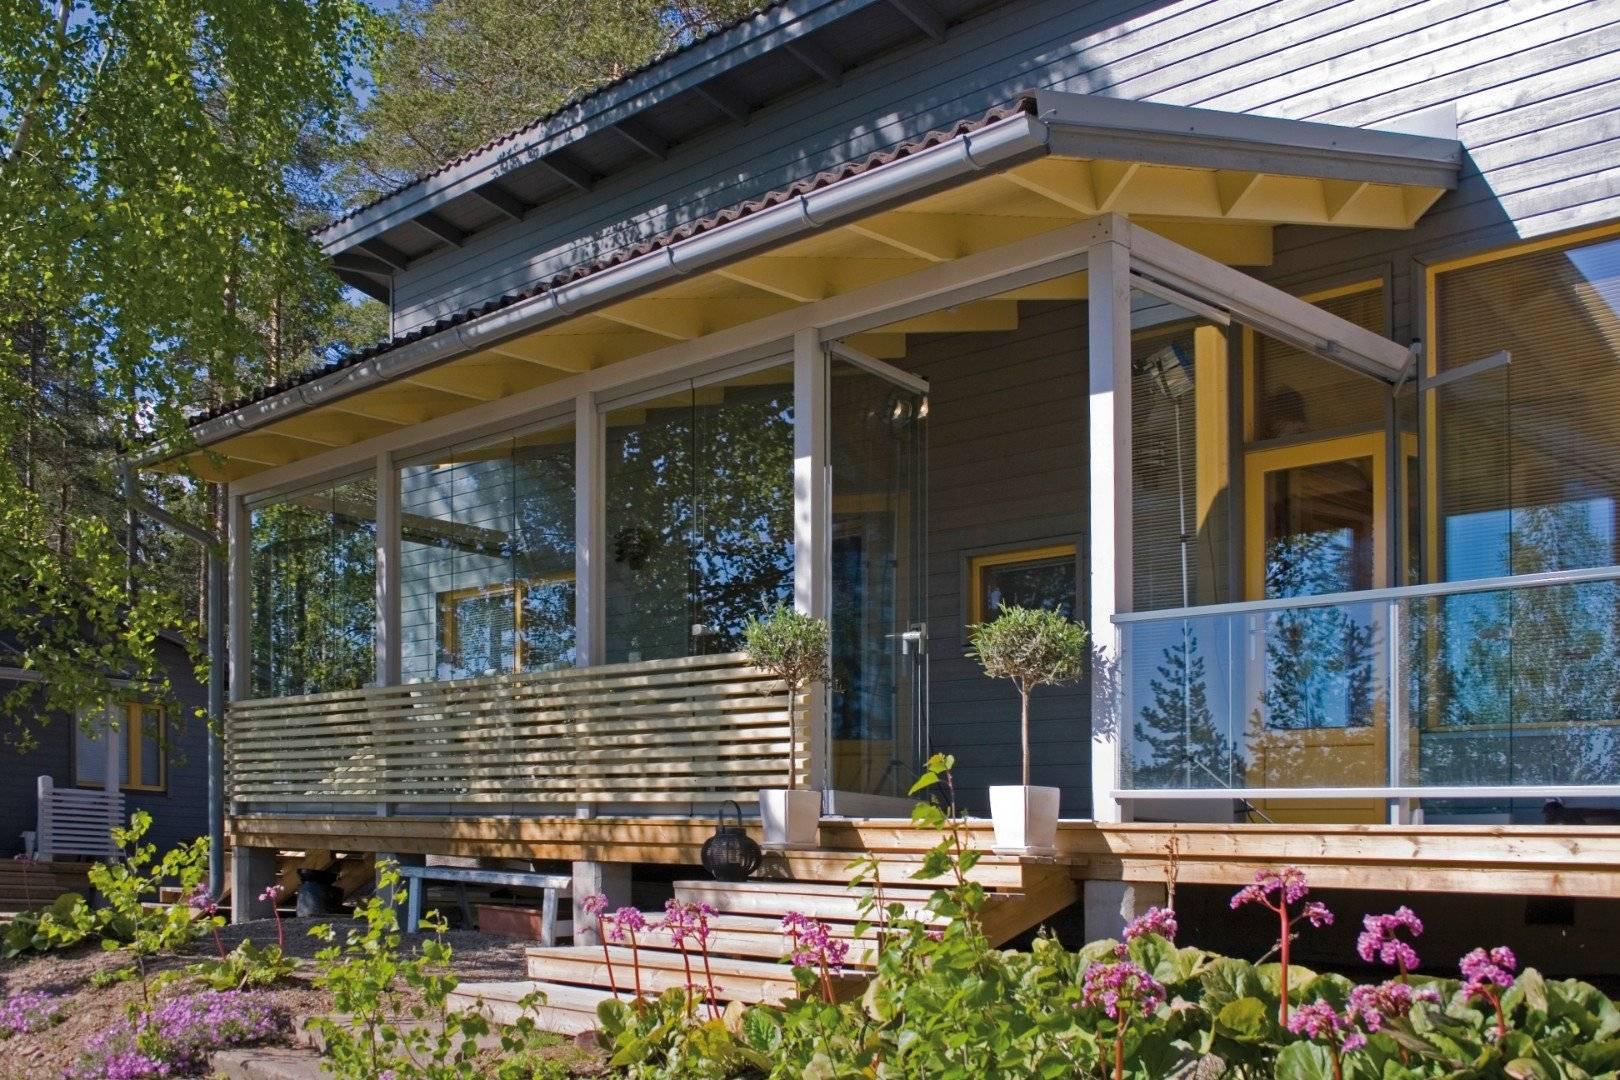 Терраса или веранда к дому: как пристроить самостоятельно, проекты с фото